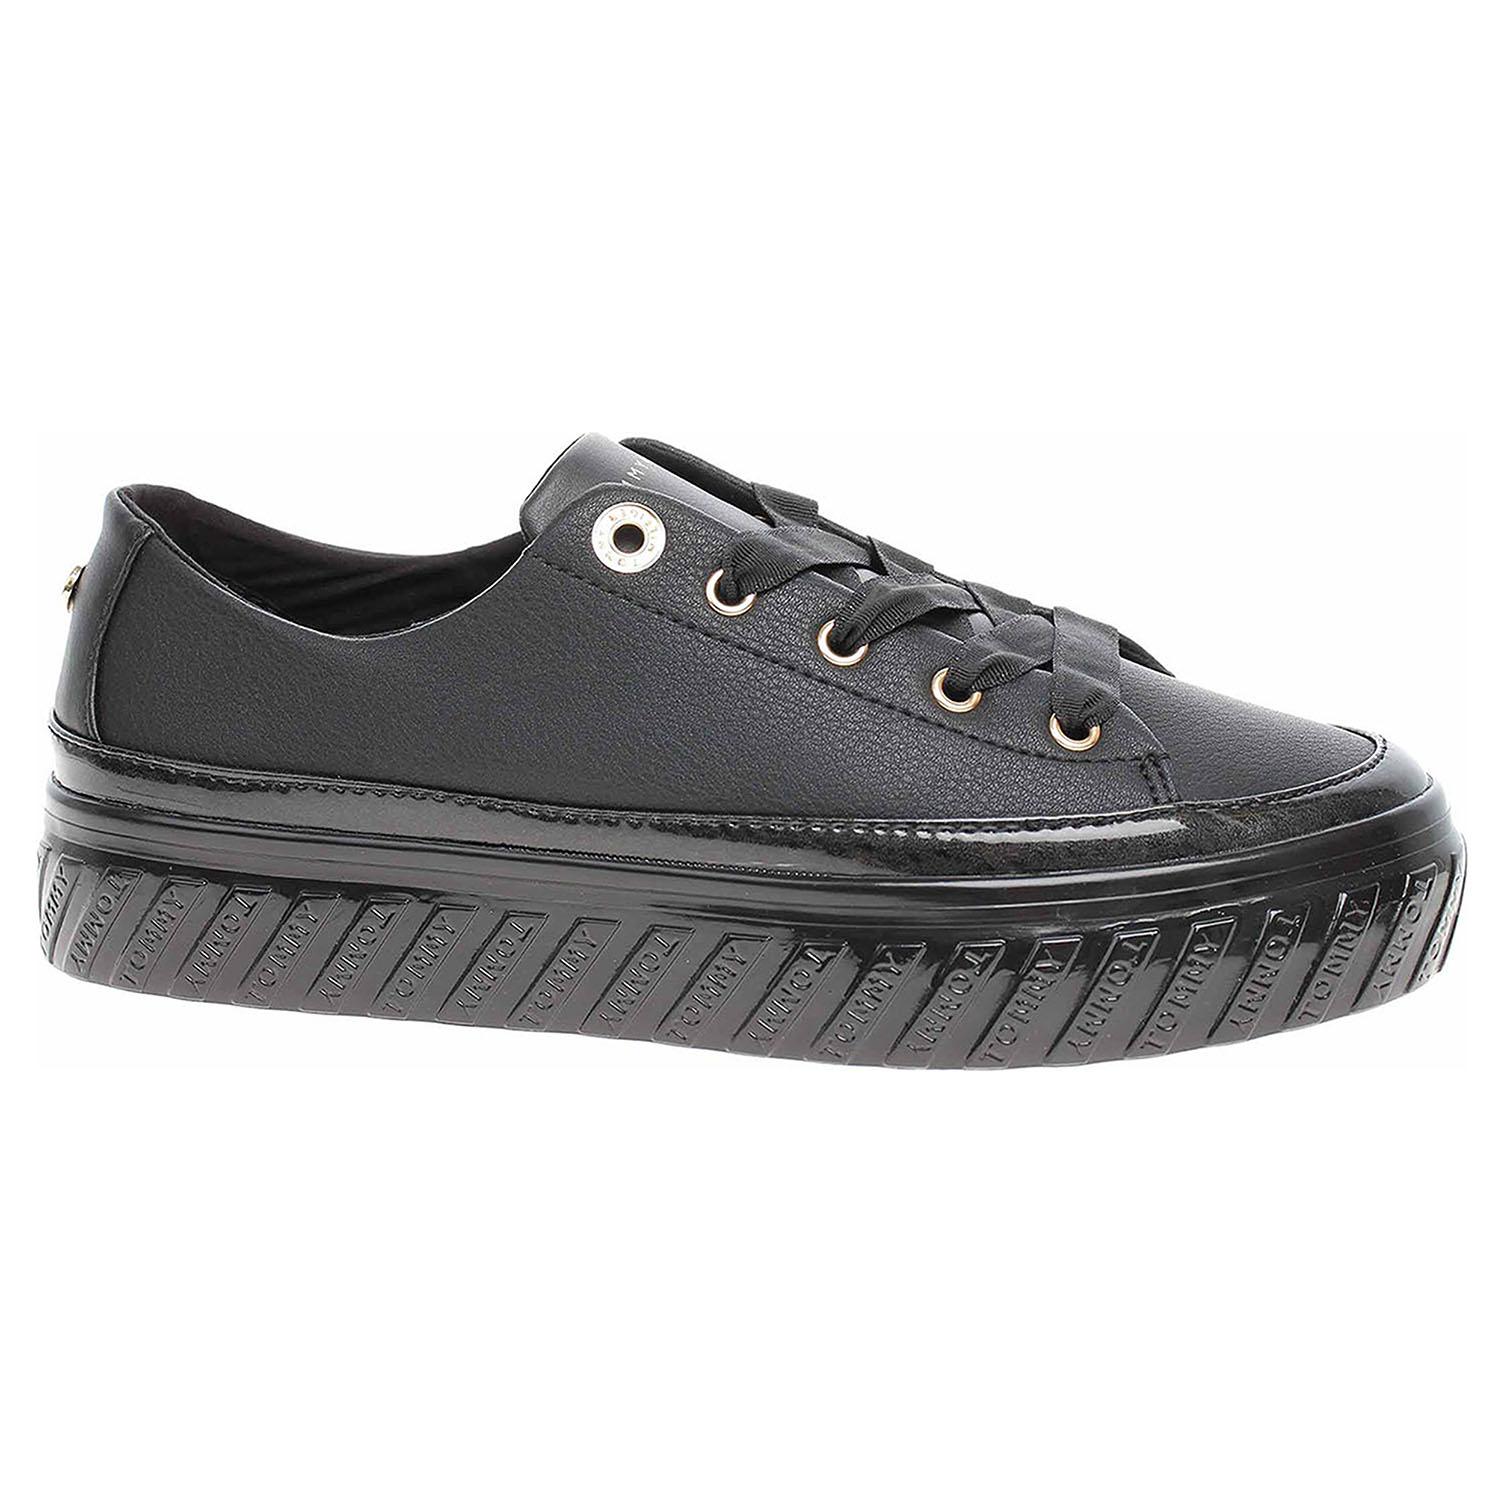 Dámská obuv Tommy Hilfiger FW0FW05221 BDS black FW0FW05221 BDS 39